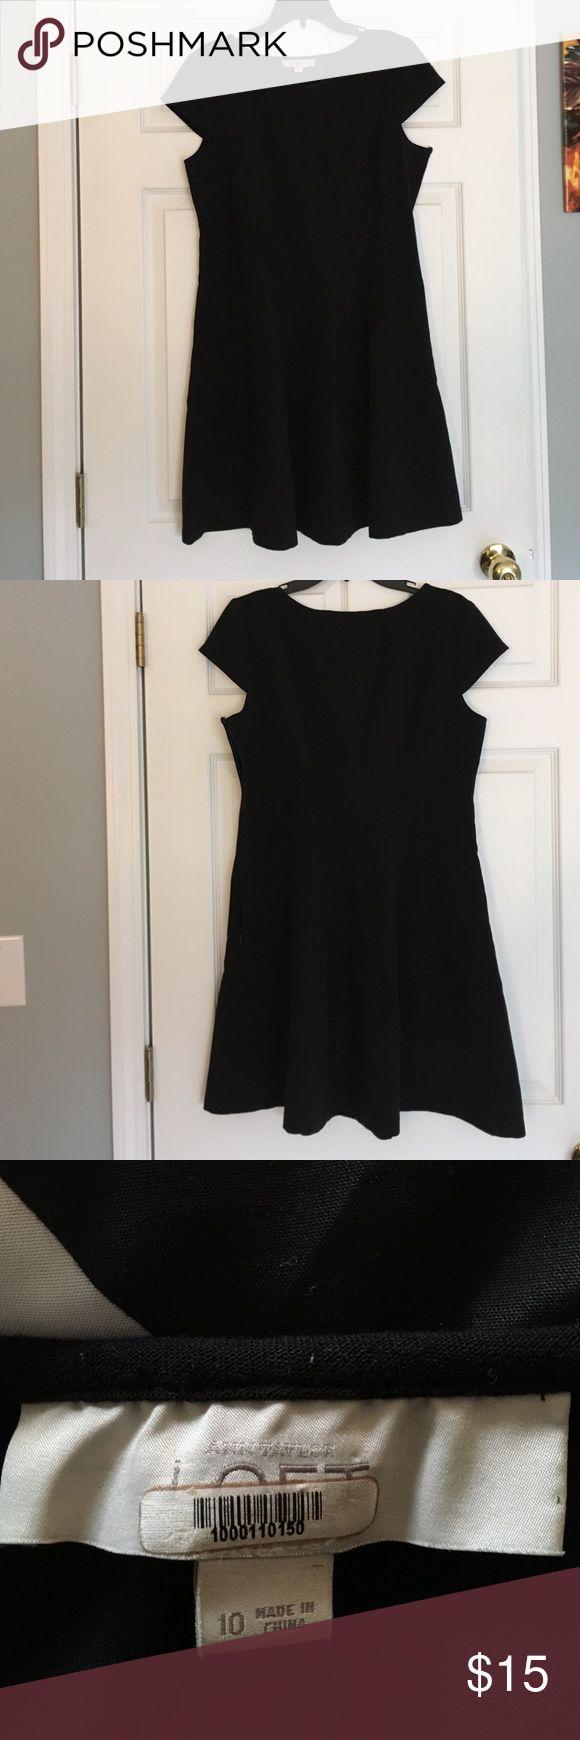 Black Loft Dress Simple black dress from Loft. Size 10. Has signs of wear, although no damage. LOFT Dresses